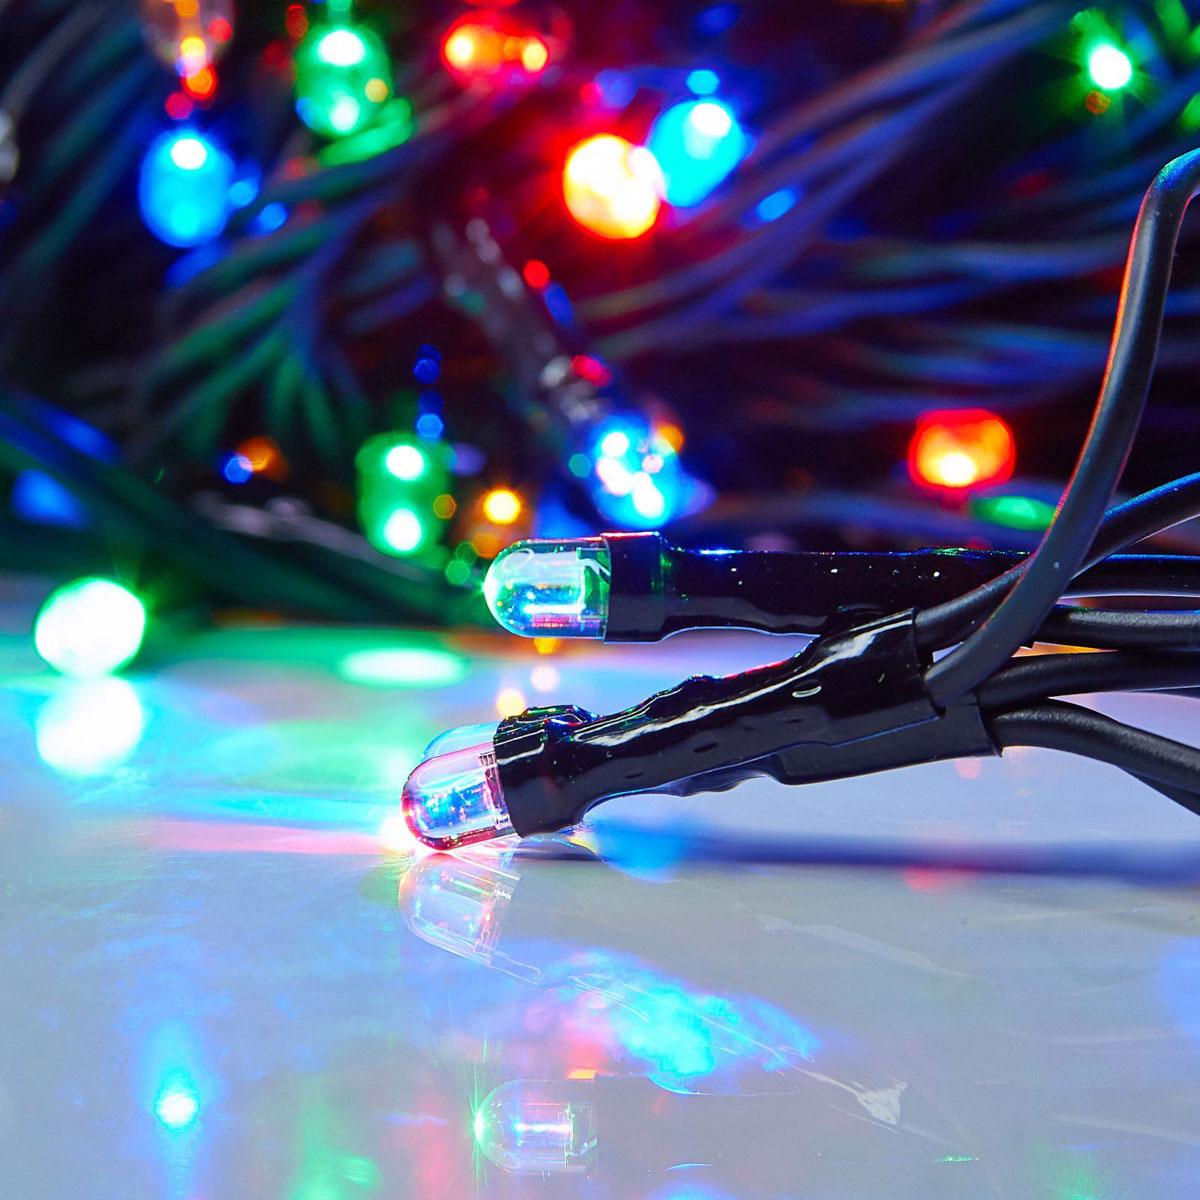 Гирлянда светодиодная Luazon Метраж, уличная, 100 ламп, 220 V, 10 м, цвет: мультиколор. 187242187242Светодиодные гирлянды, ленты и т.д. — это отличный вариант для новогоднего оформления интерьера или фасада. С их помощью помещение любого размера можно превратить в праздничный зал, а внешние элементы зданий, украшенные ими, мгновенно станут напоминать очертания сказочного дворца. Такие украшения создают ауру предвкушения чуда. Деревья, фасады, витрины, окна и арки будто специально созданы, чтобы вы украсили их светящимися нитями.